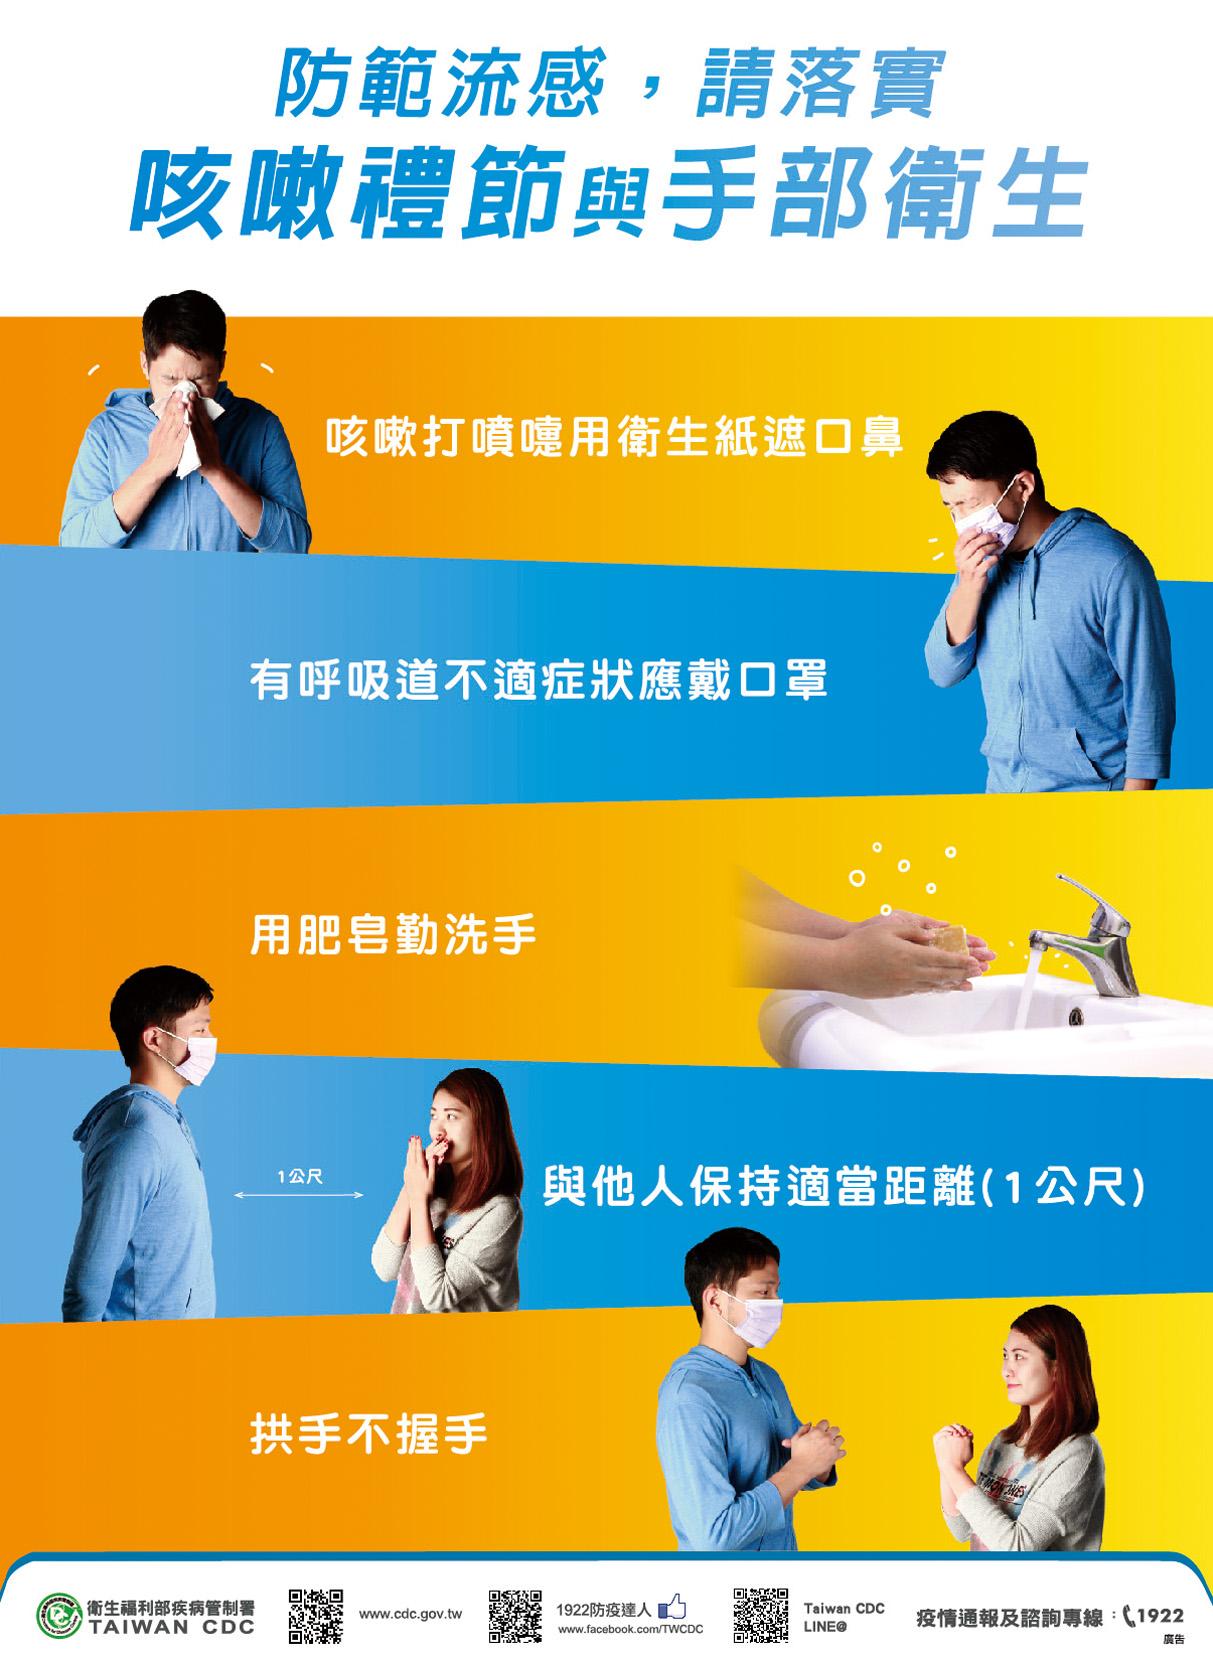 防範流感,請落實咳嗽禮節與手部衛生